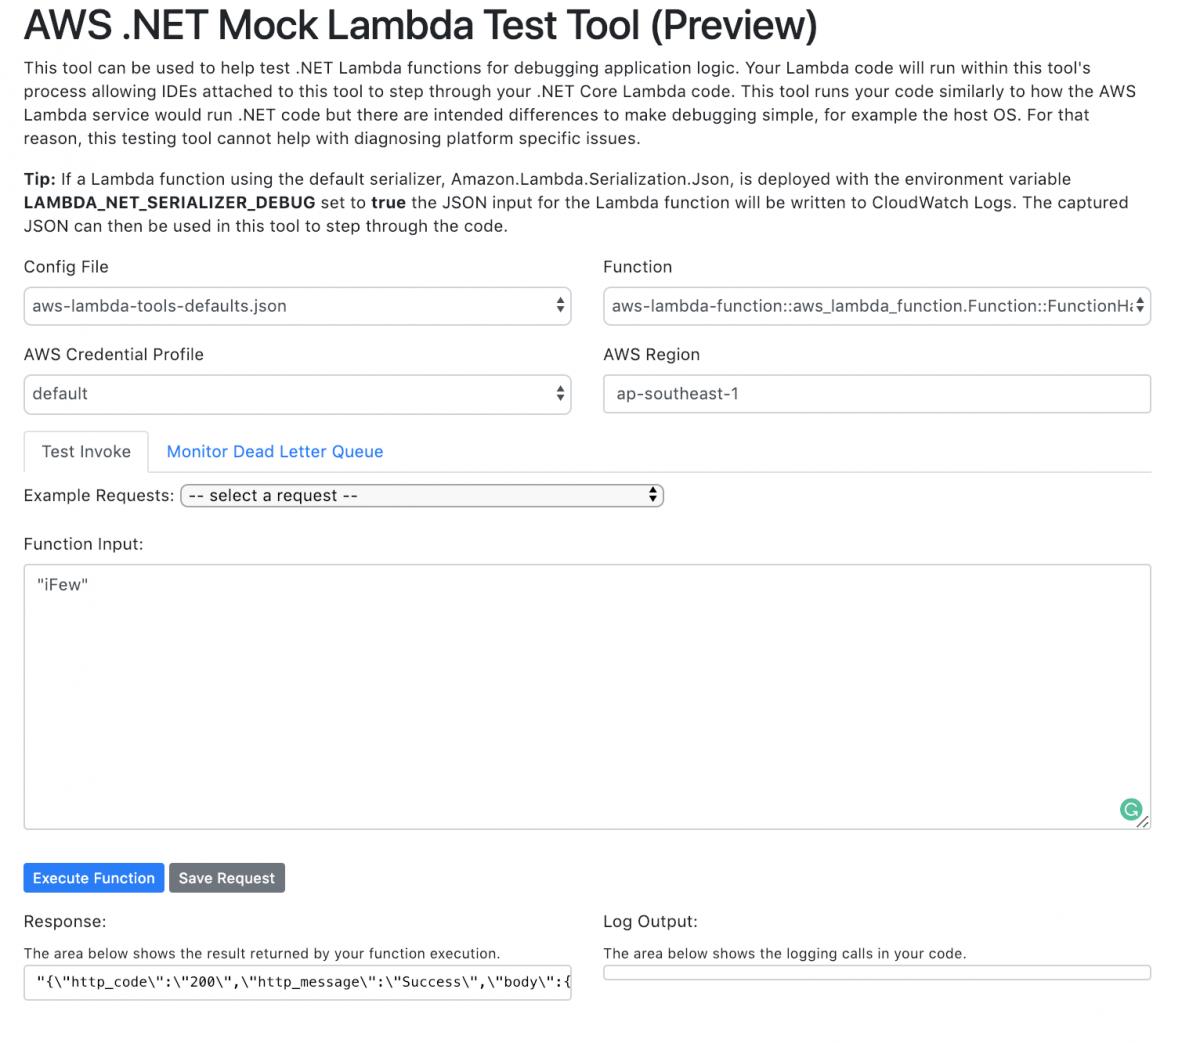 ทดสอบ  NET AWS Lambda ด้วย AWS  NET Mock Lambda Test Tool